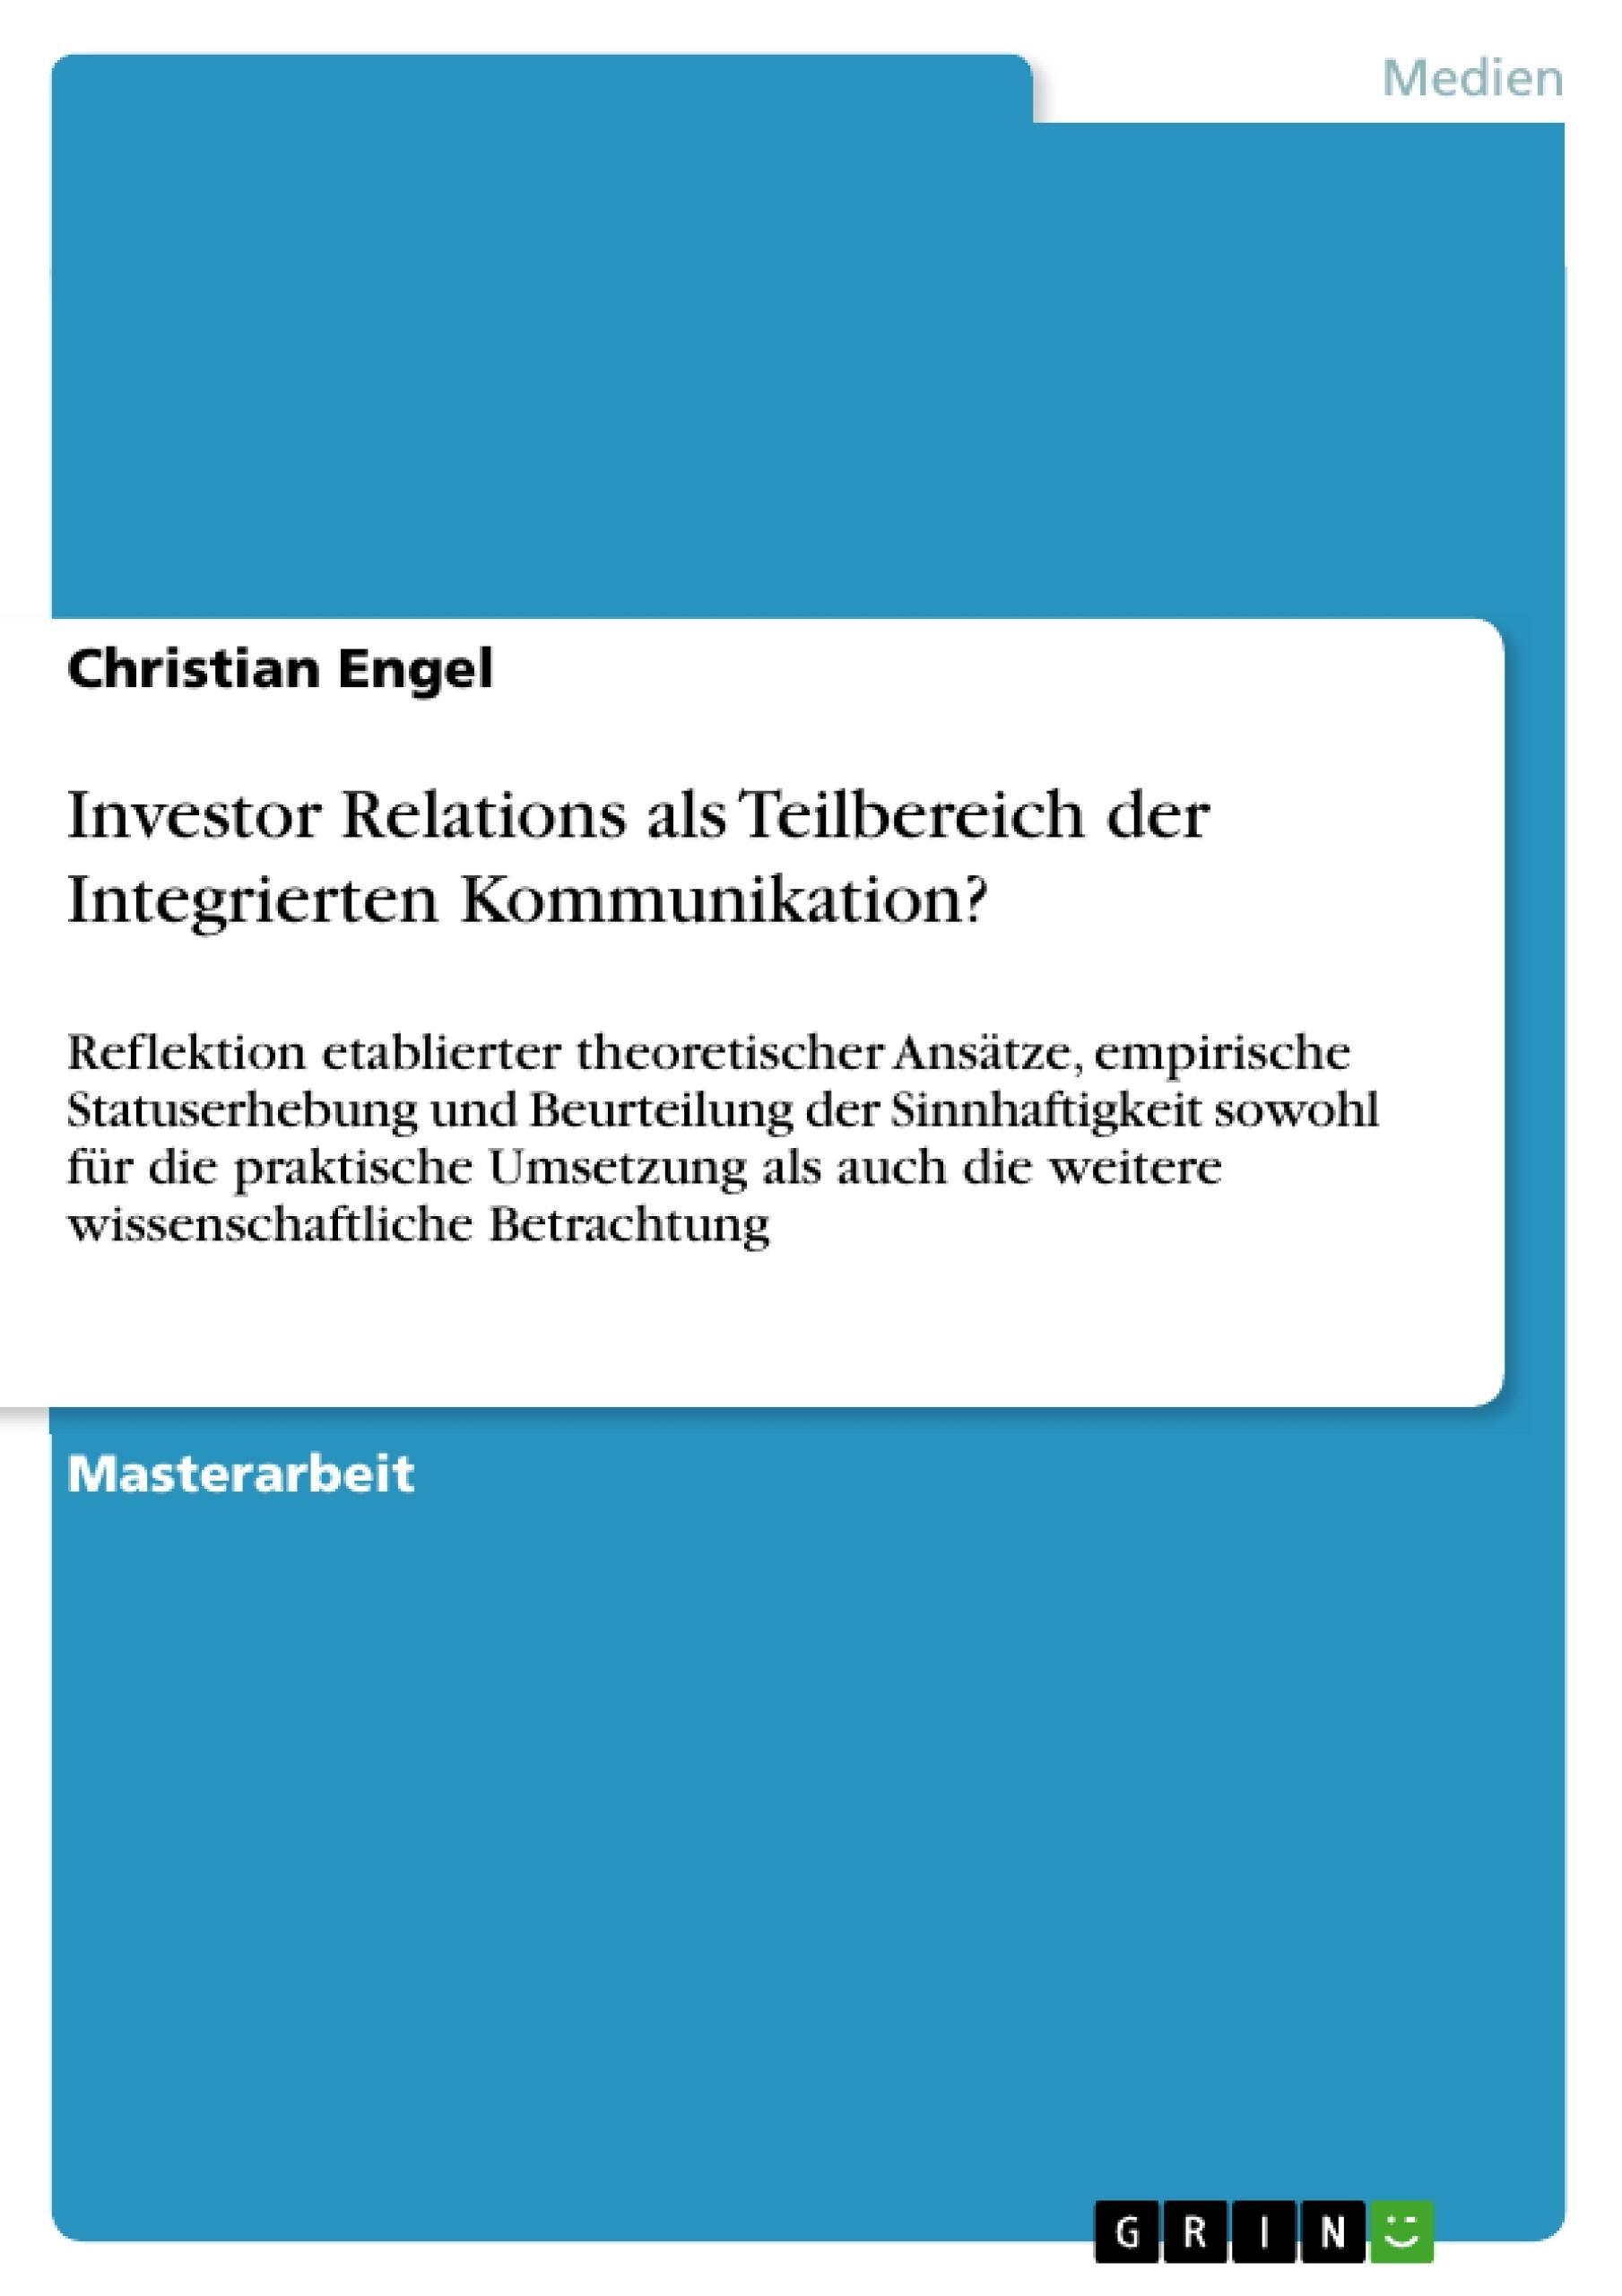 Titel: Investor Relations als Teilbereich der Integrierten Kommunikation?